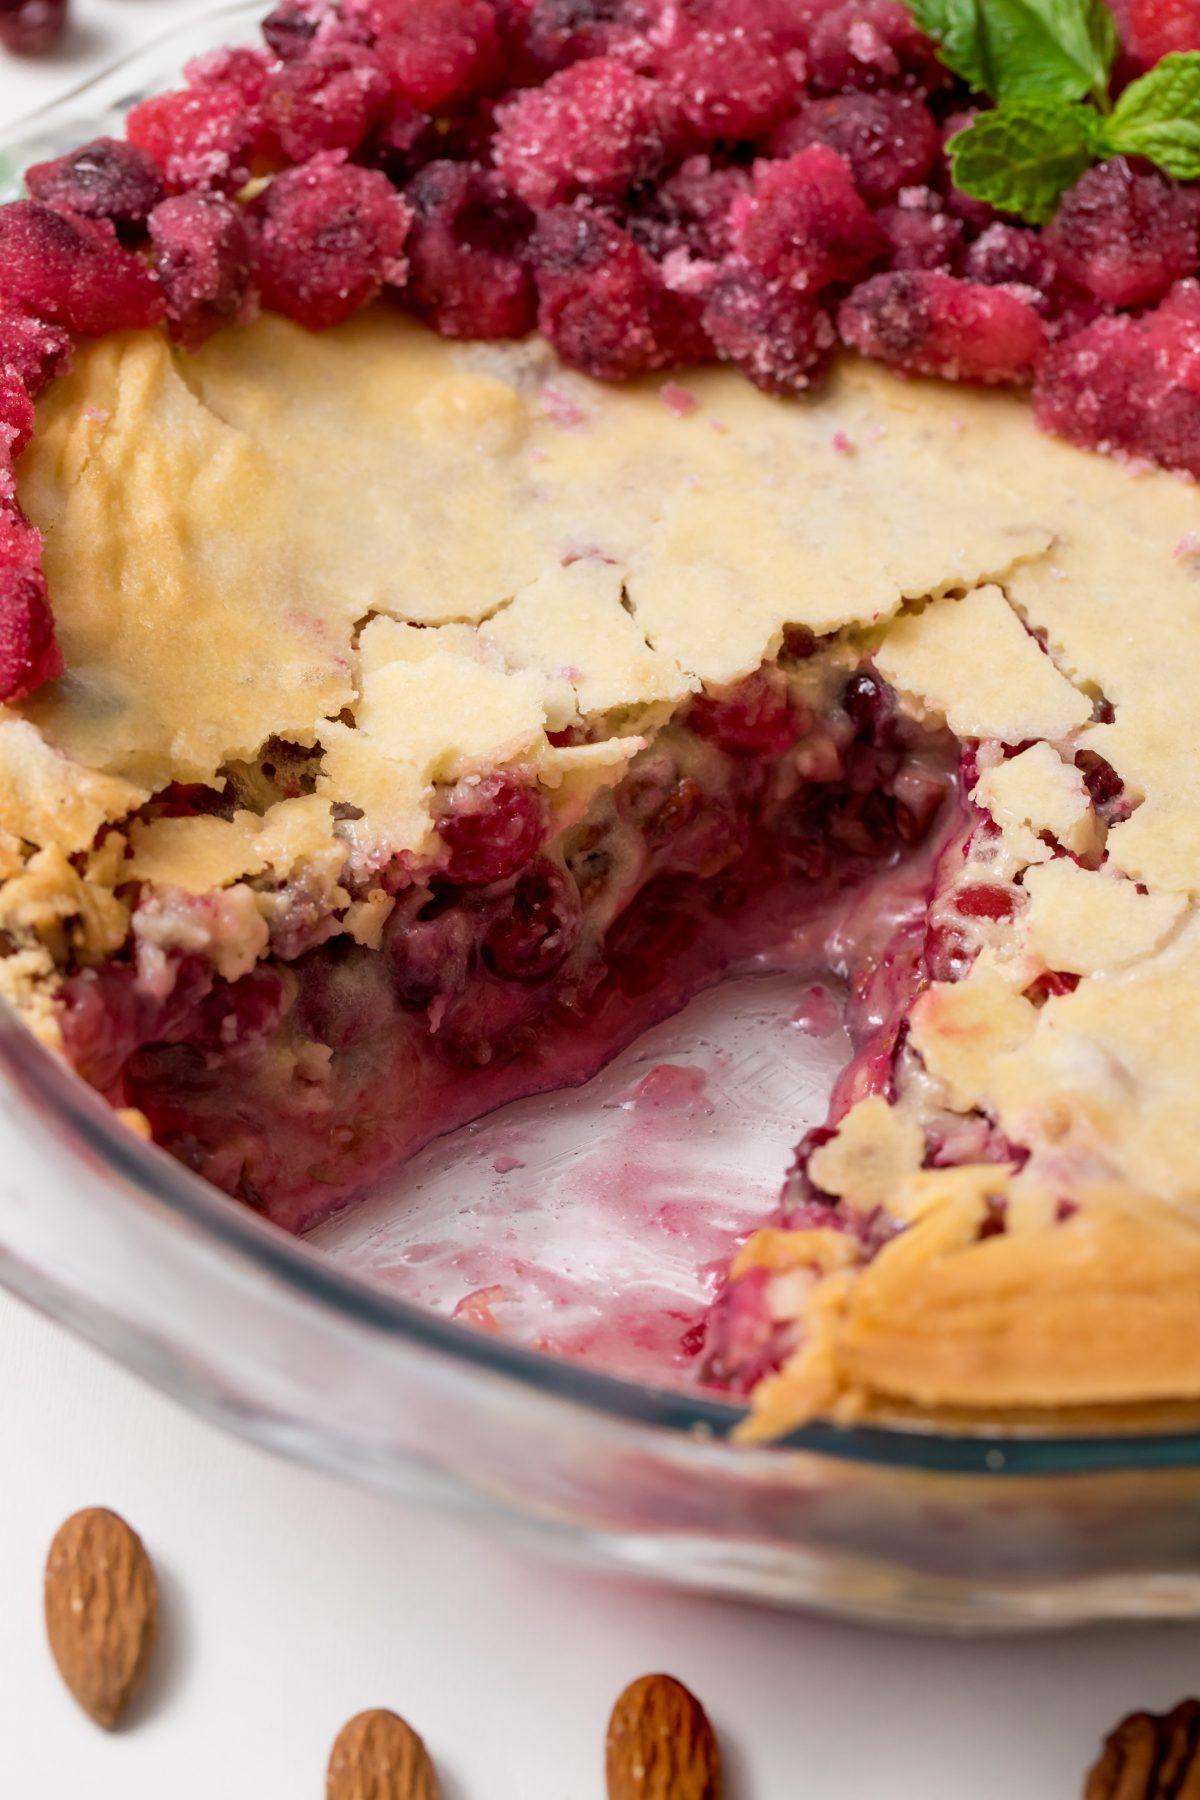 5D4B2357 - Nantucket Christmas Cranberry Pie